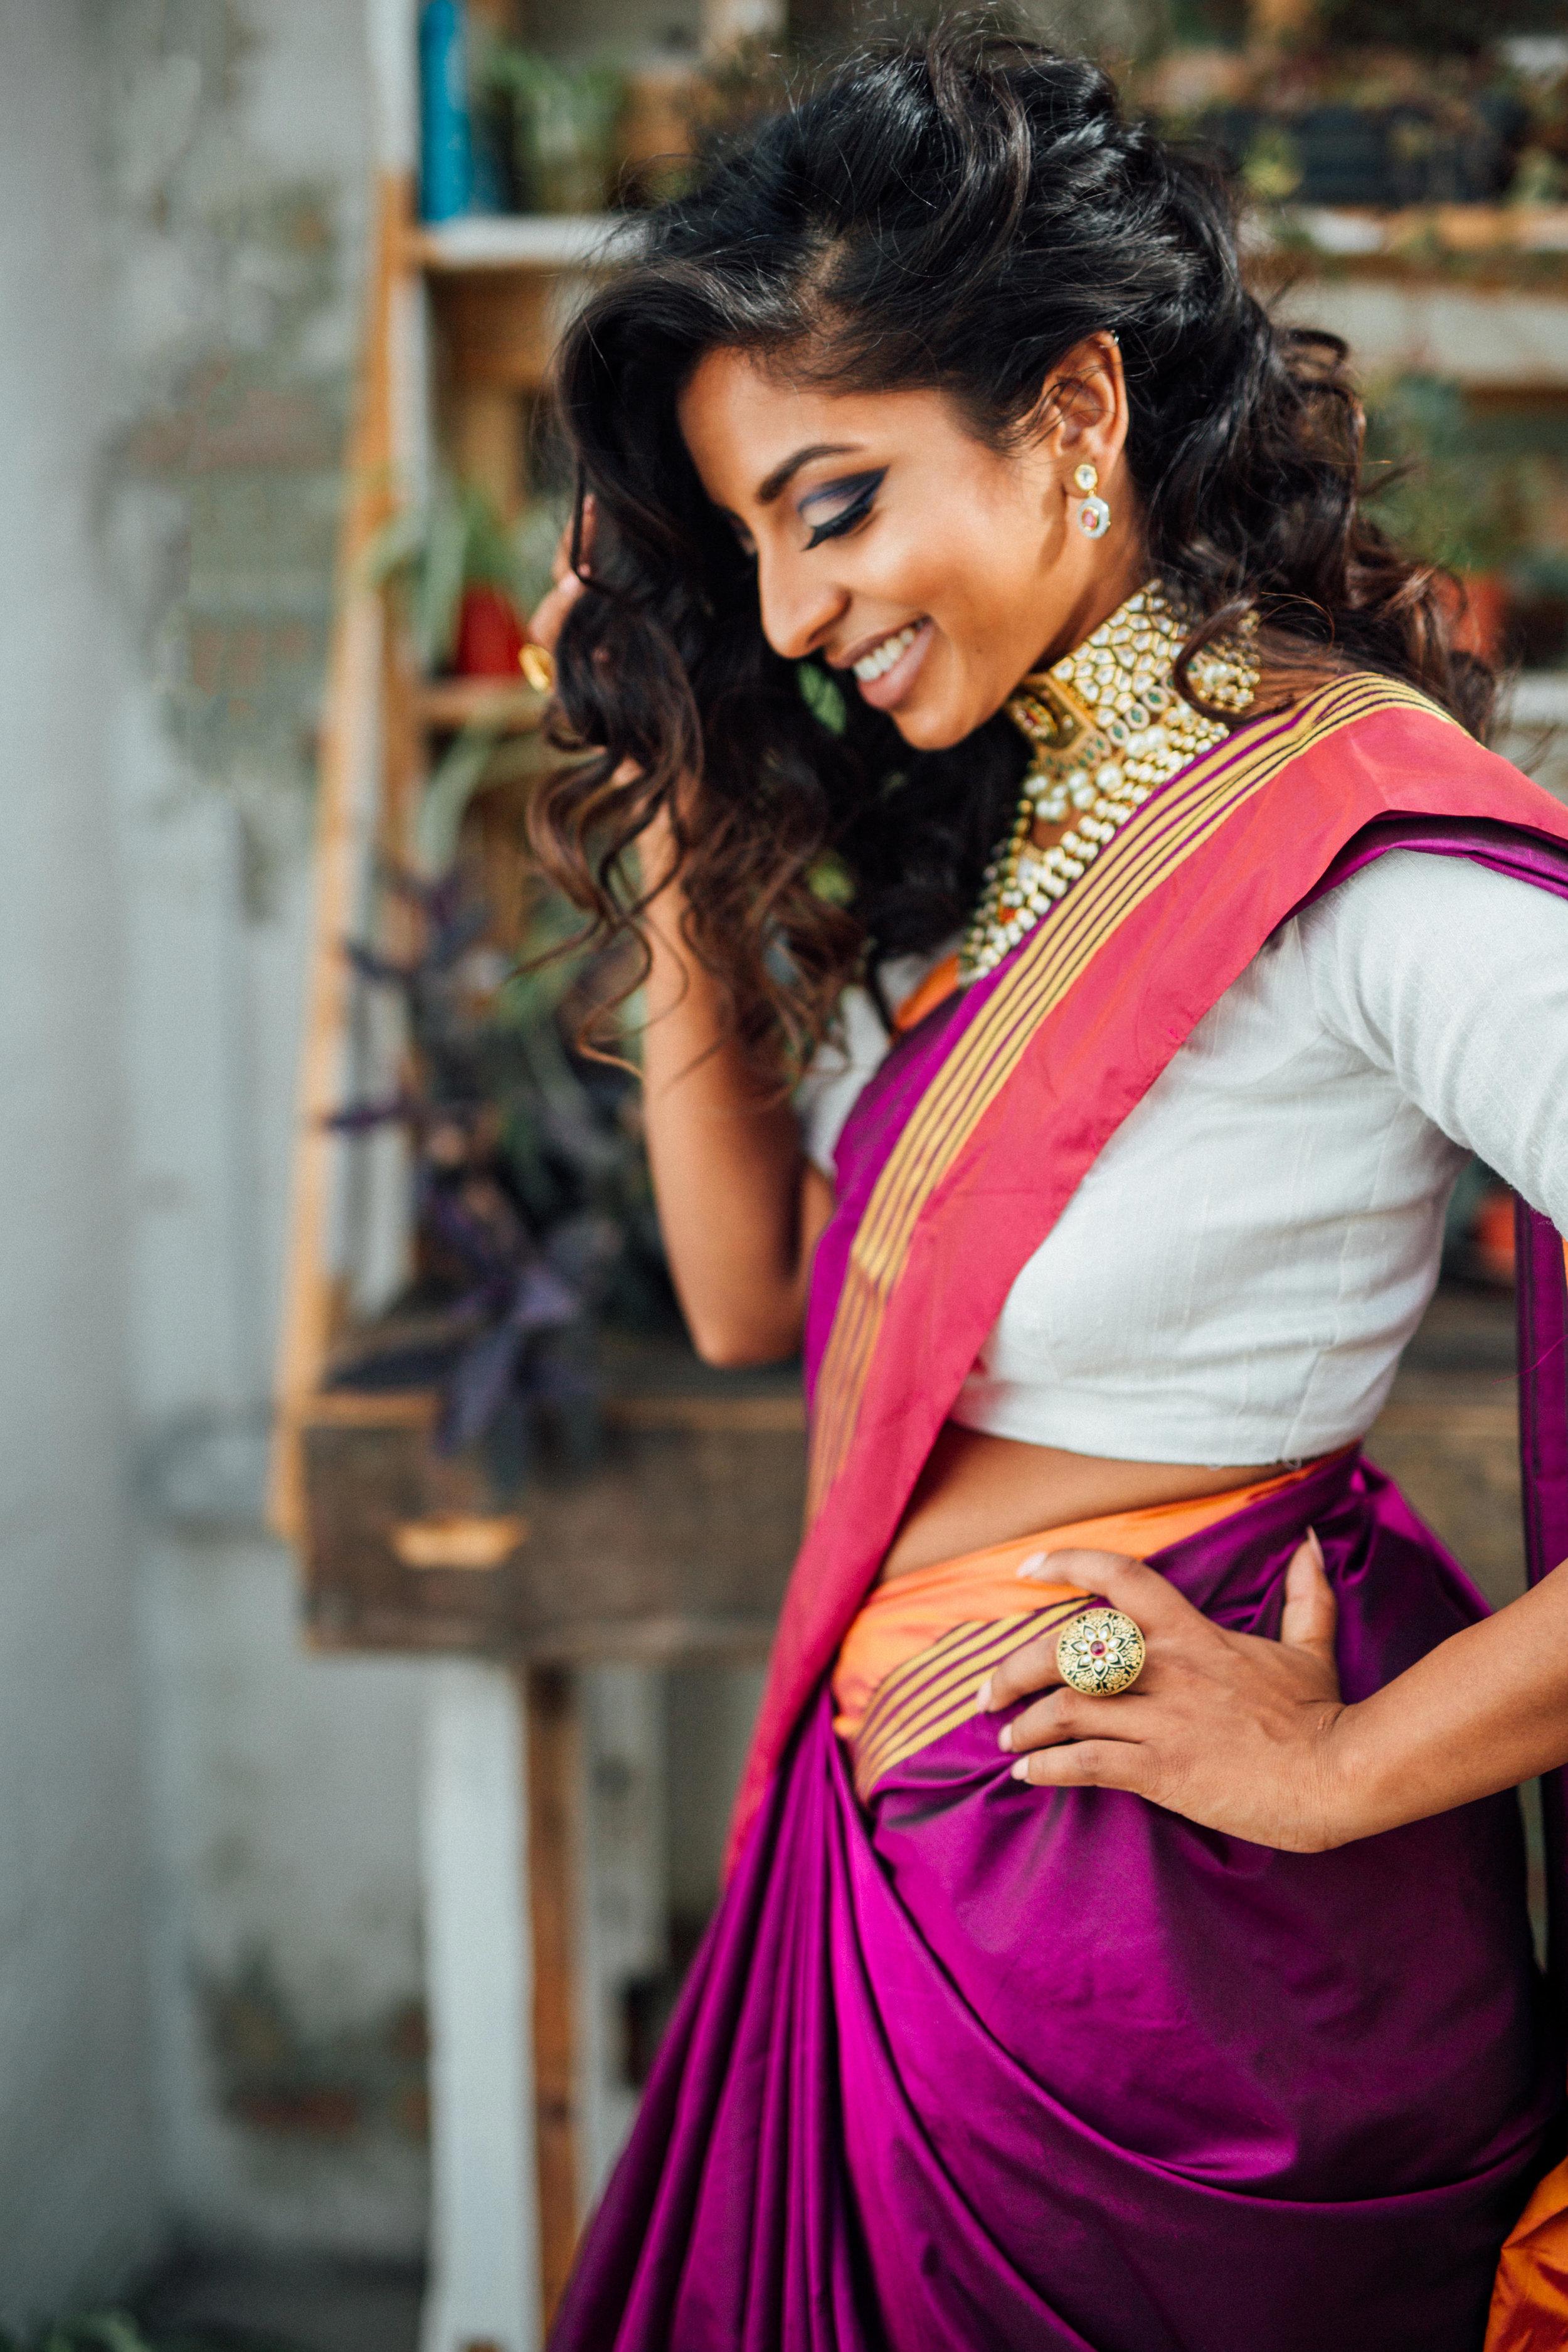 Jumani Purple Saree Pothys-16.jpg